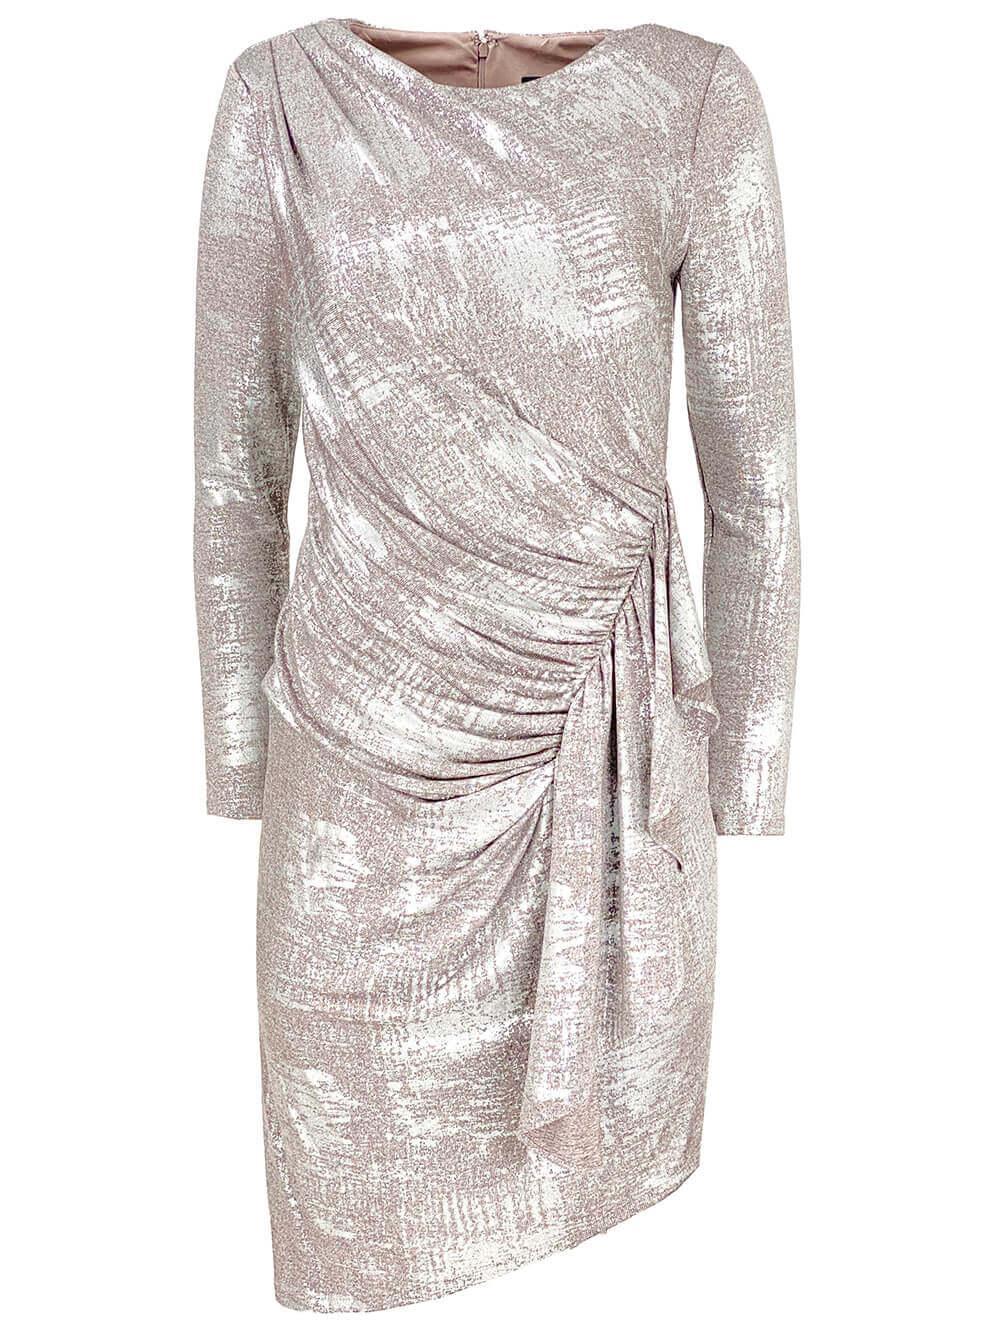 Draped Foil Dress Item # MN1E206757